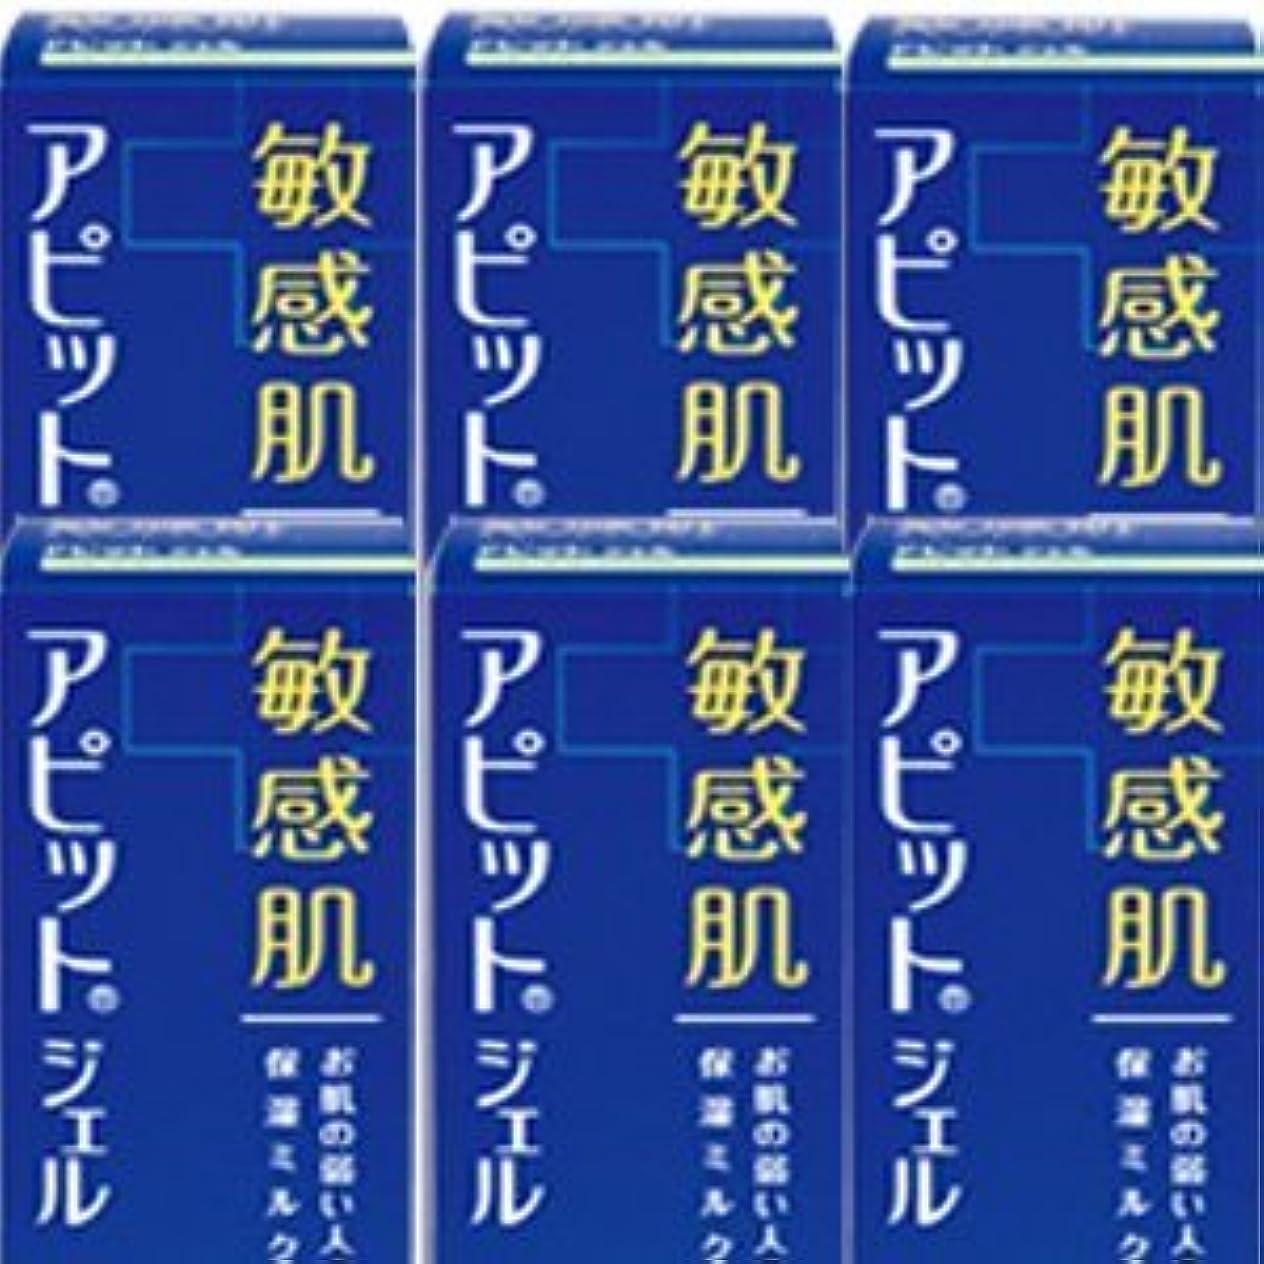 つぶす品種免除【6個】全薬工業 アピットジェルS 120mlx6個セット (4987305034625)